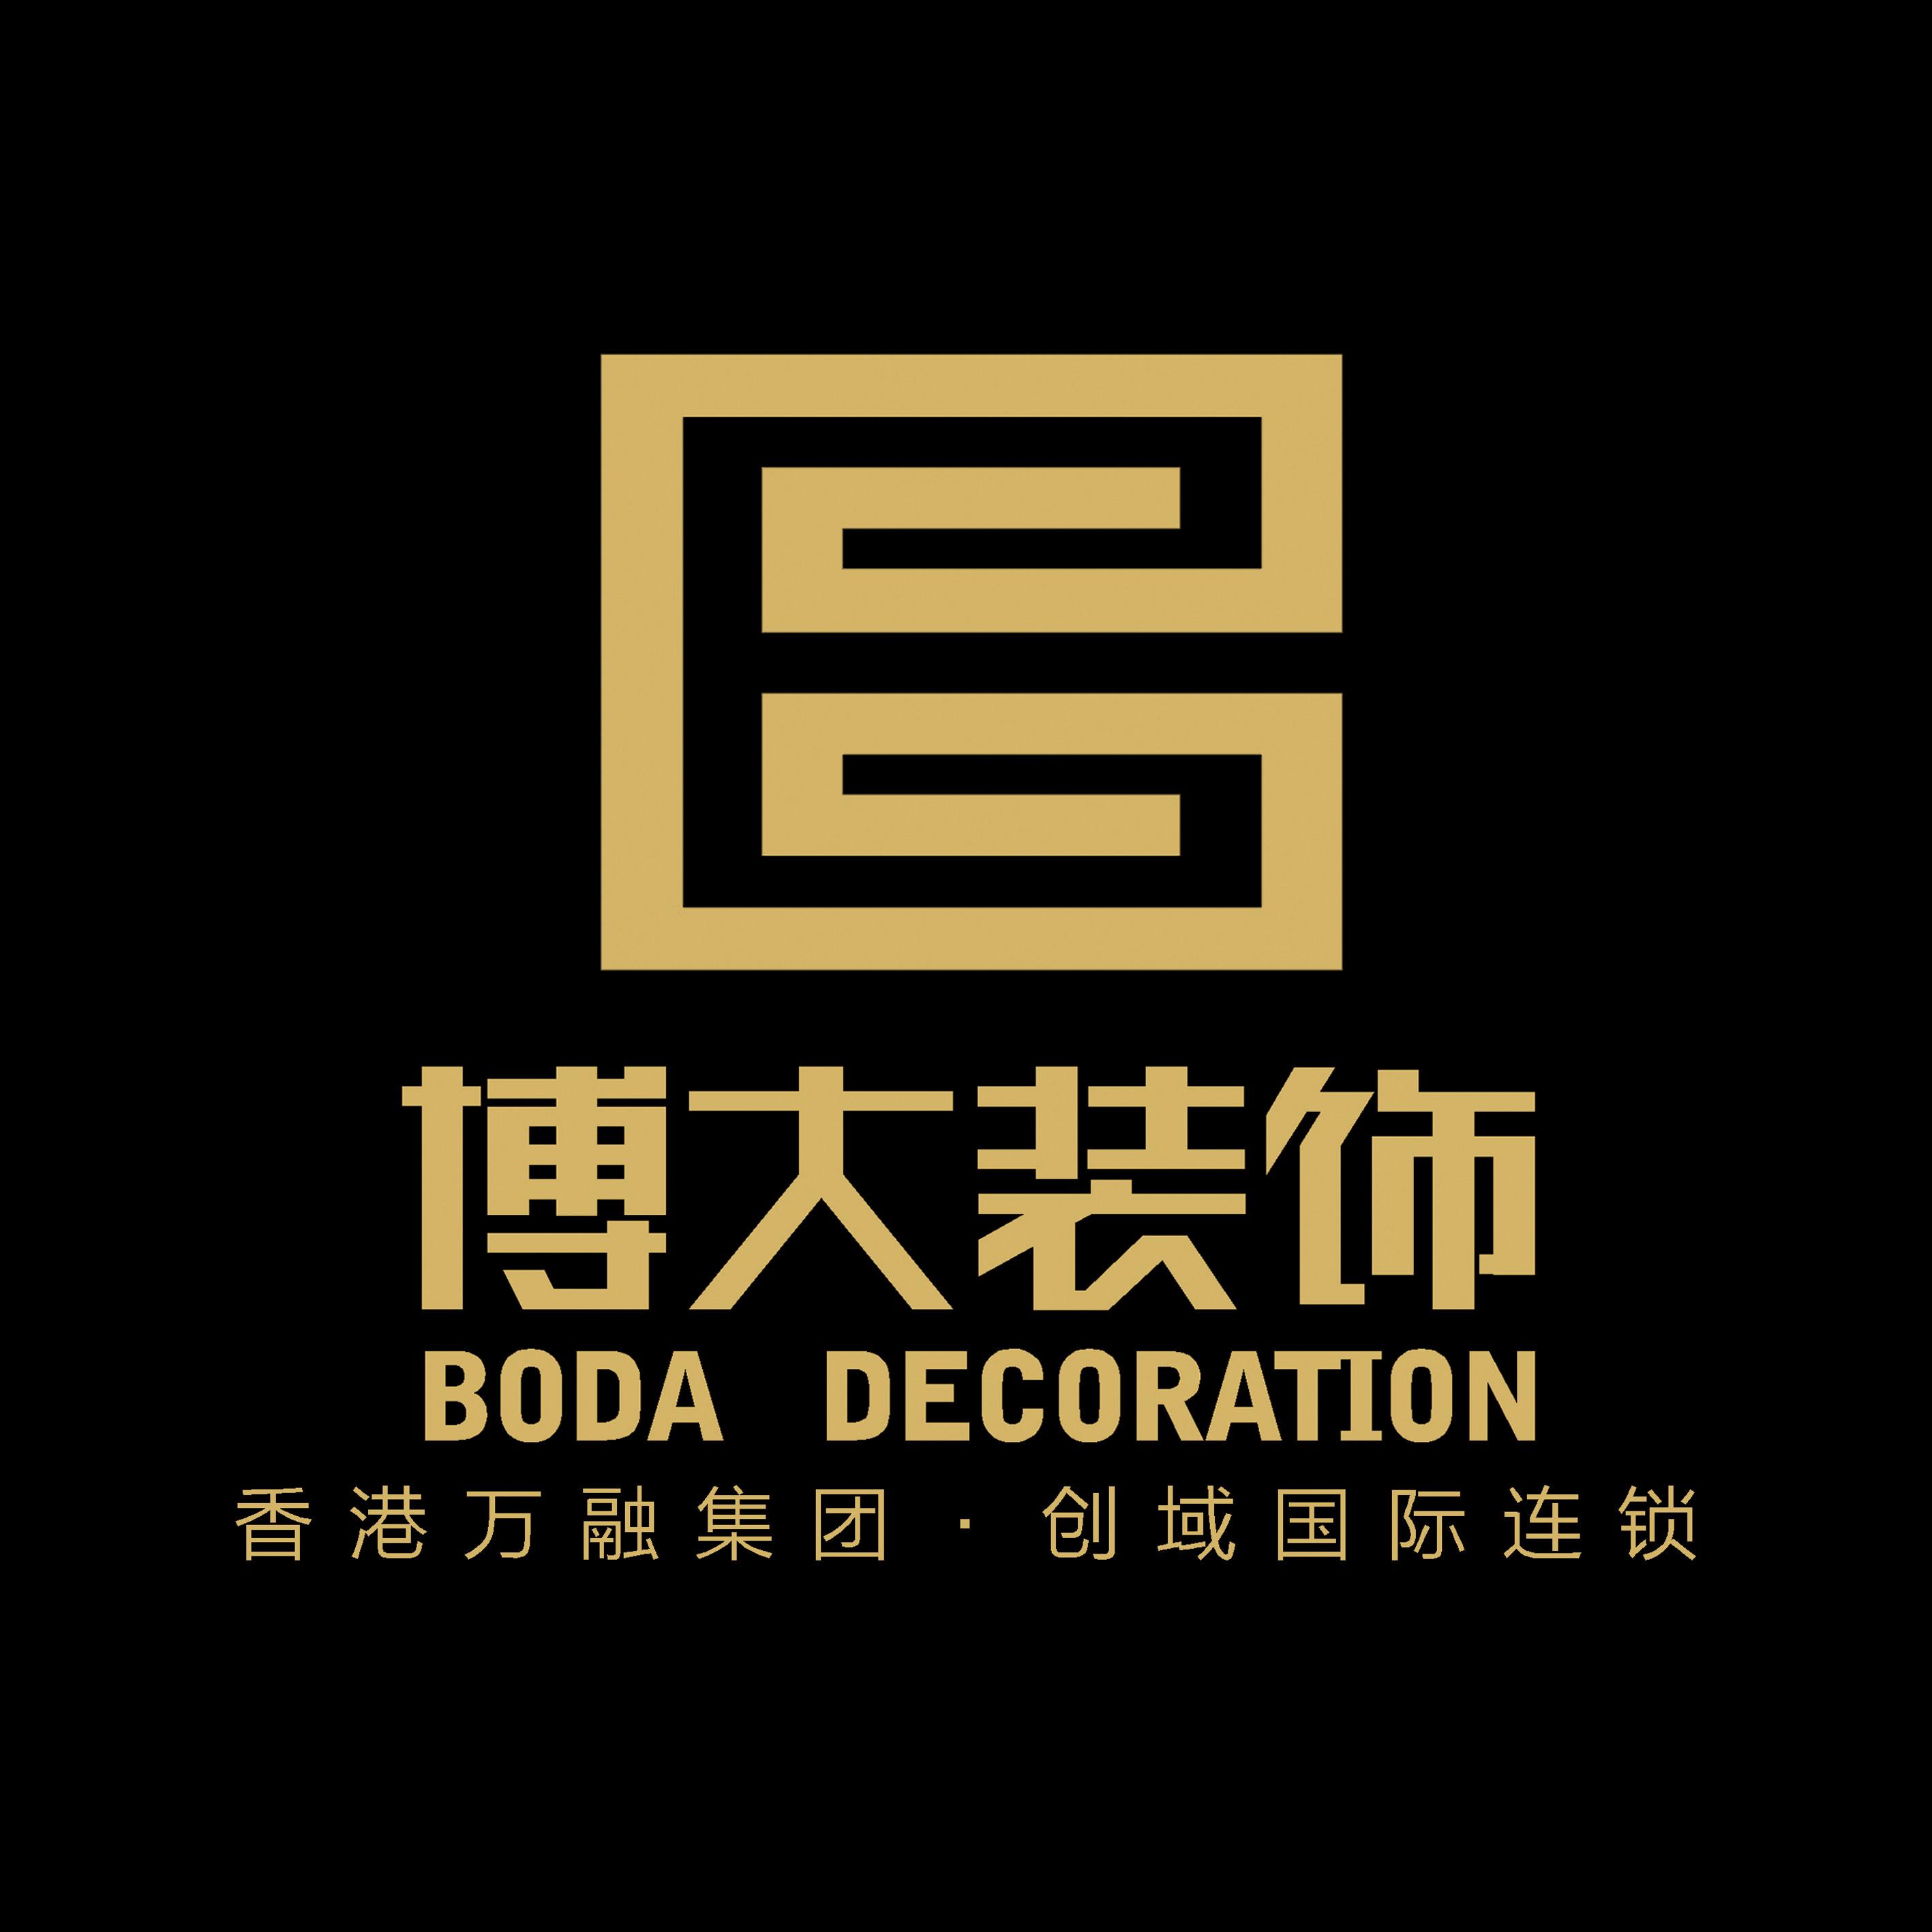 台州博大装饰工程有限